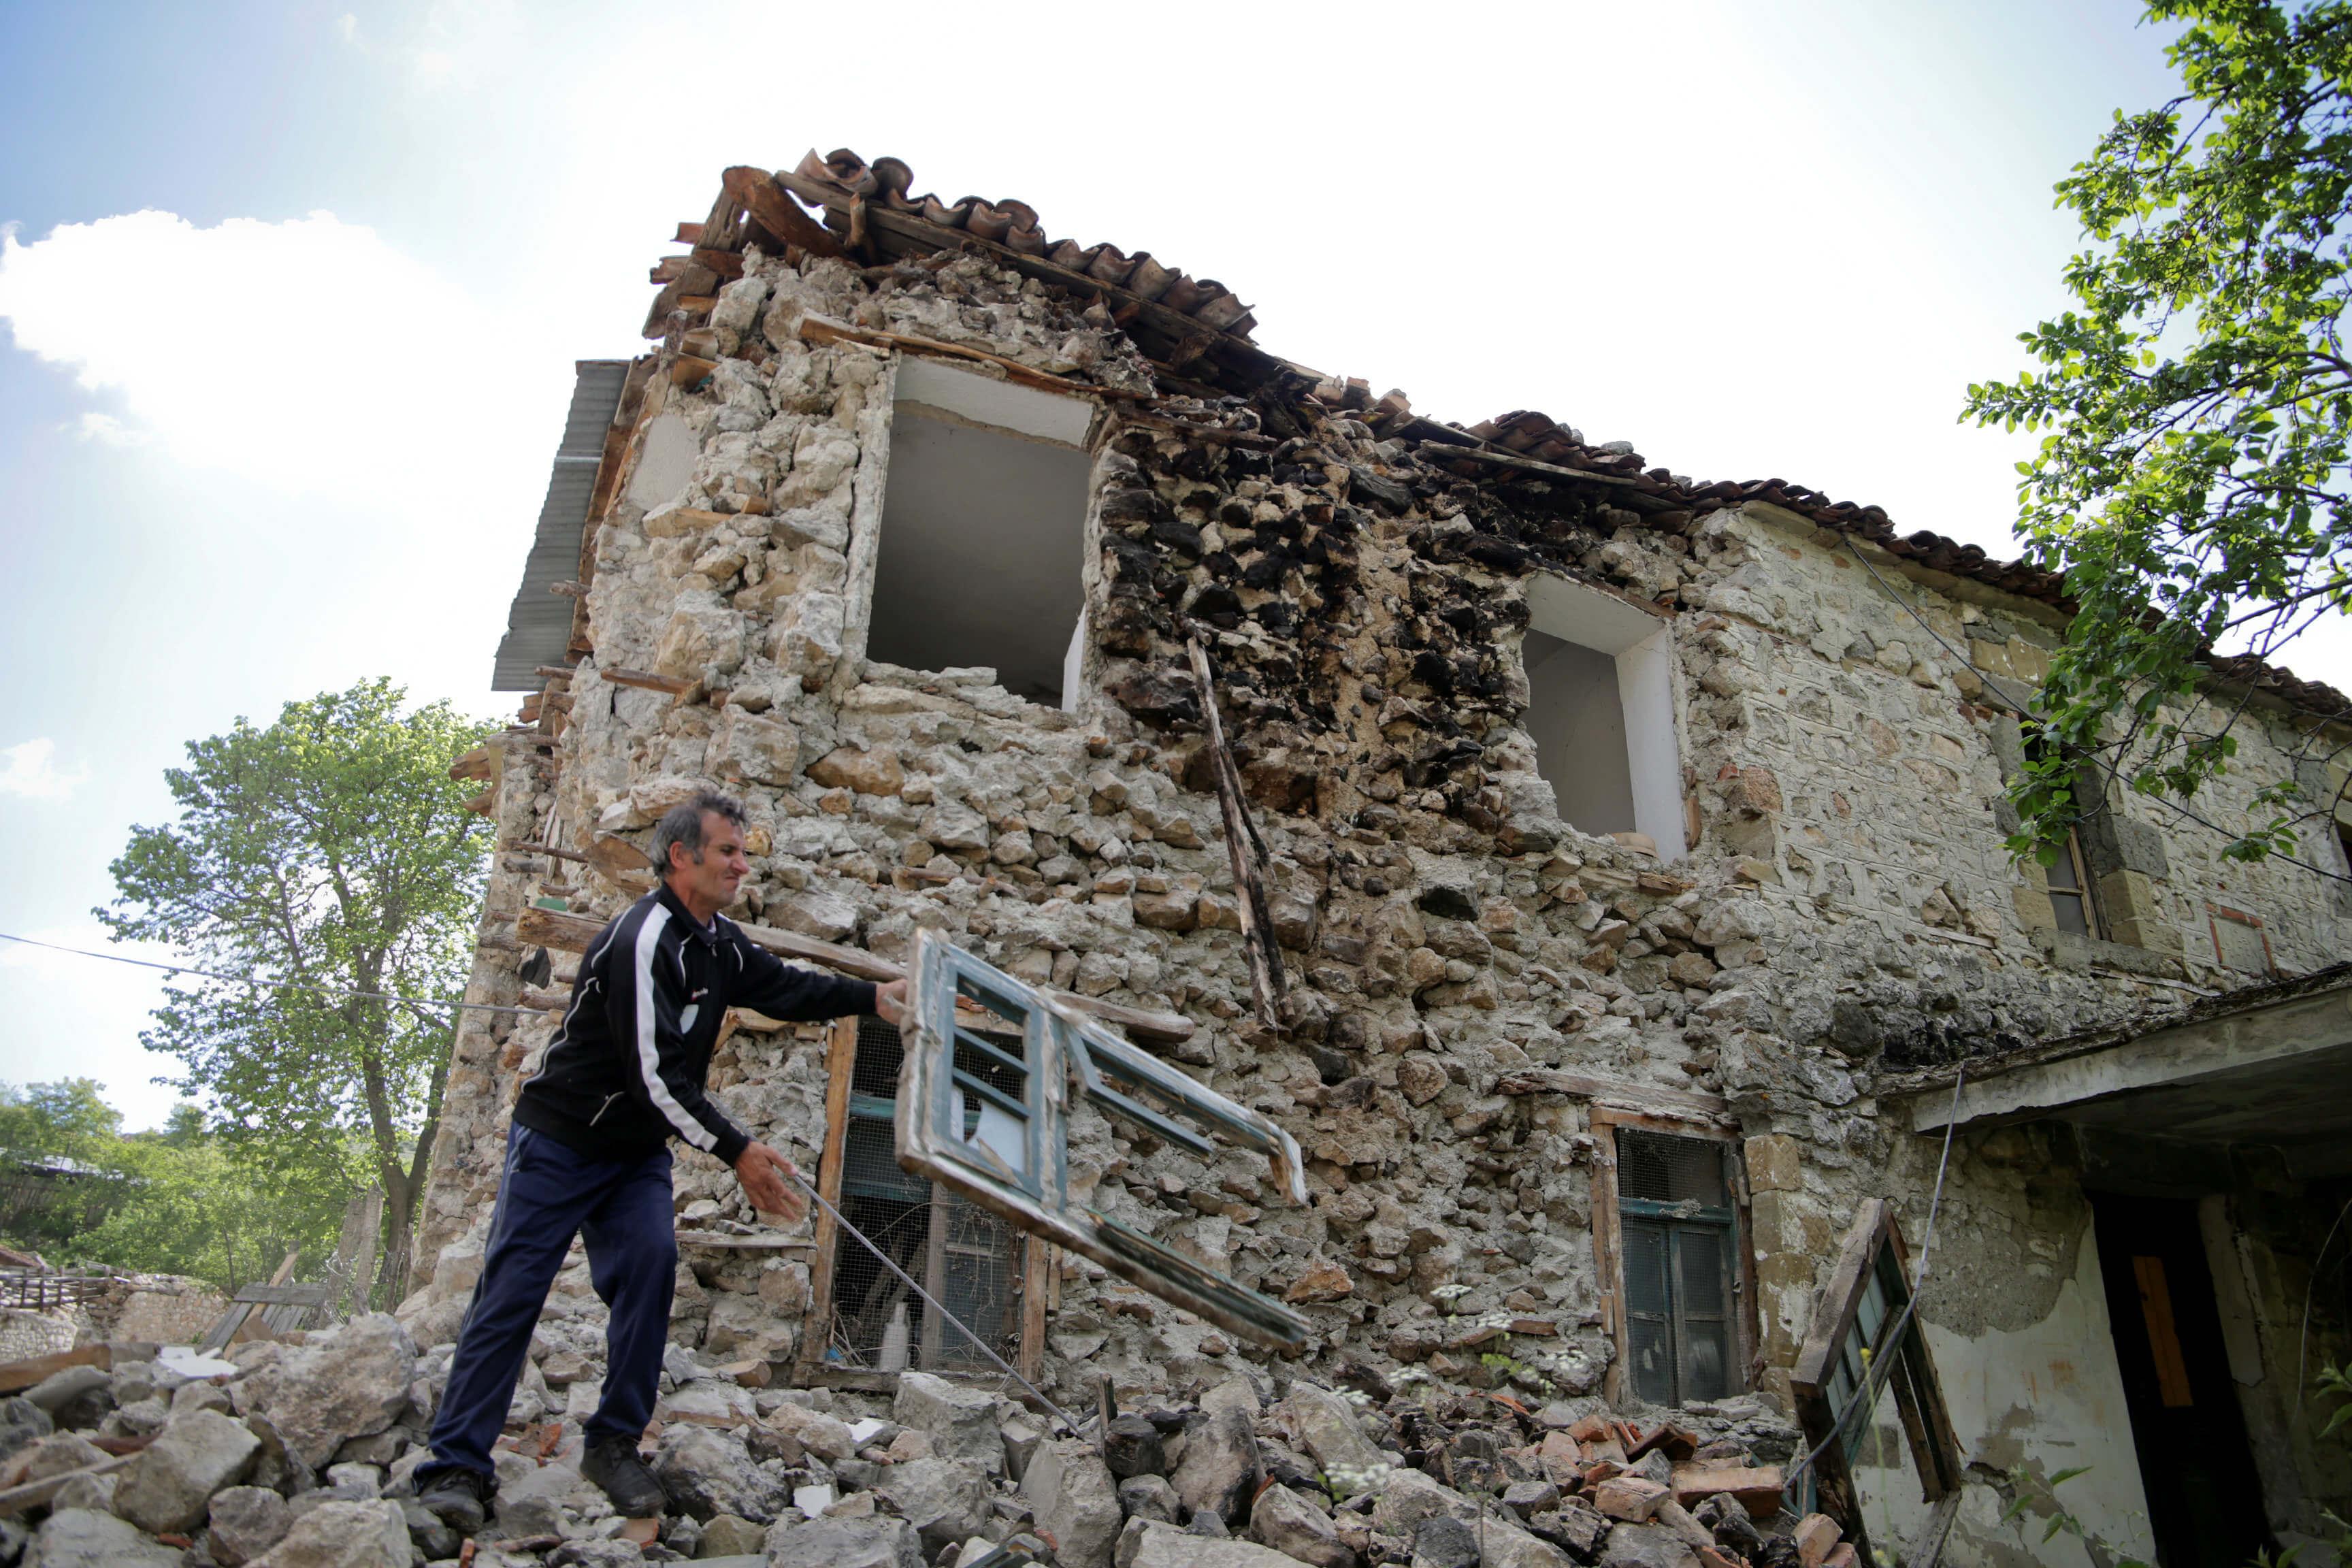 a614f88257 Σεισμός  4 τραυματίες και 100 σπίτια ρημαγμένα από τις δονήσεις στα ...